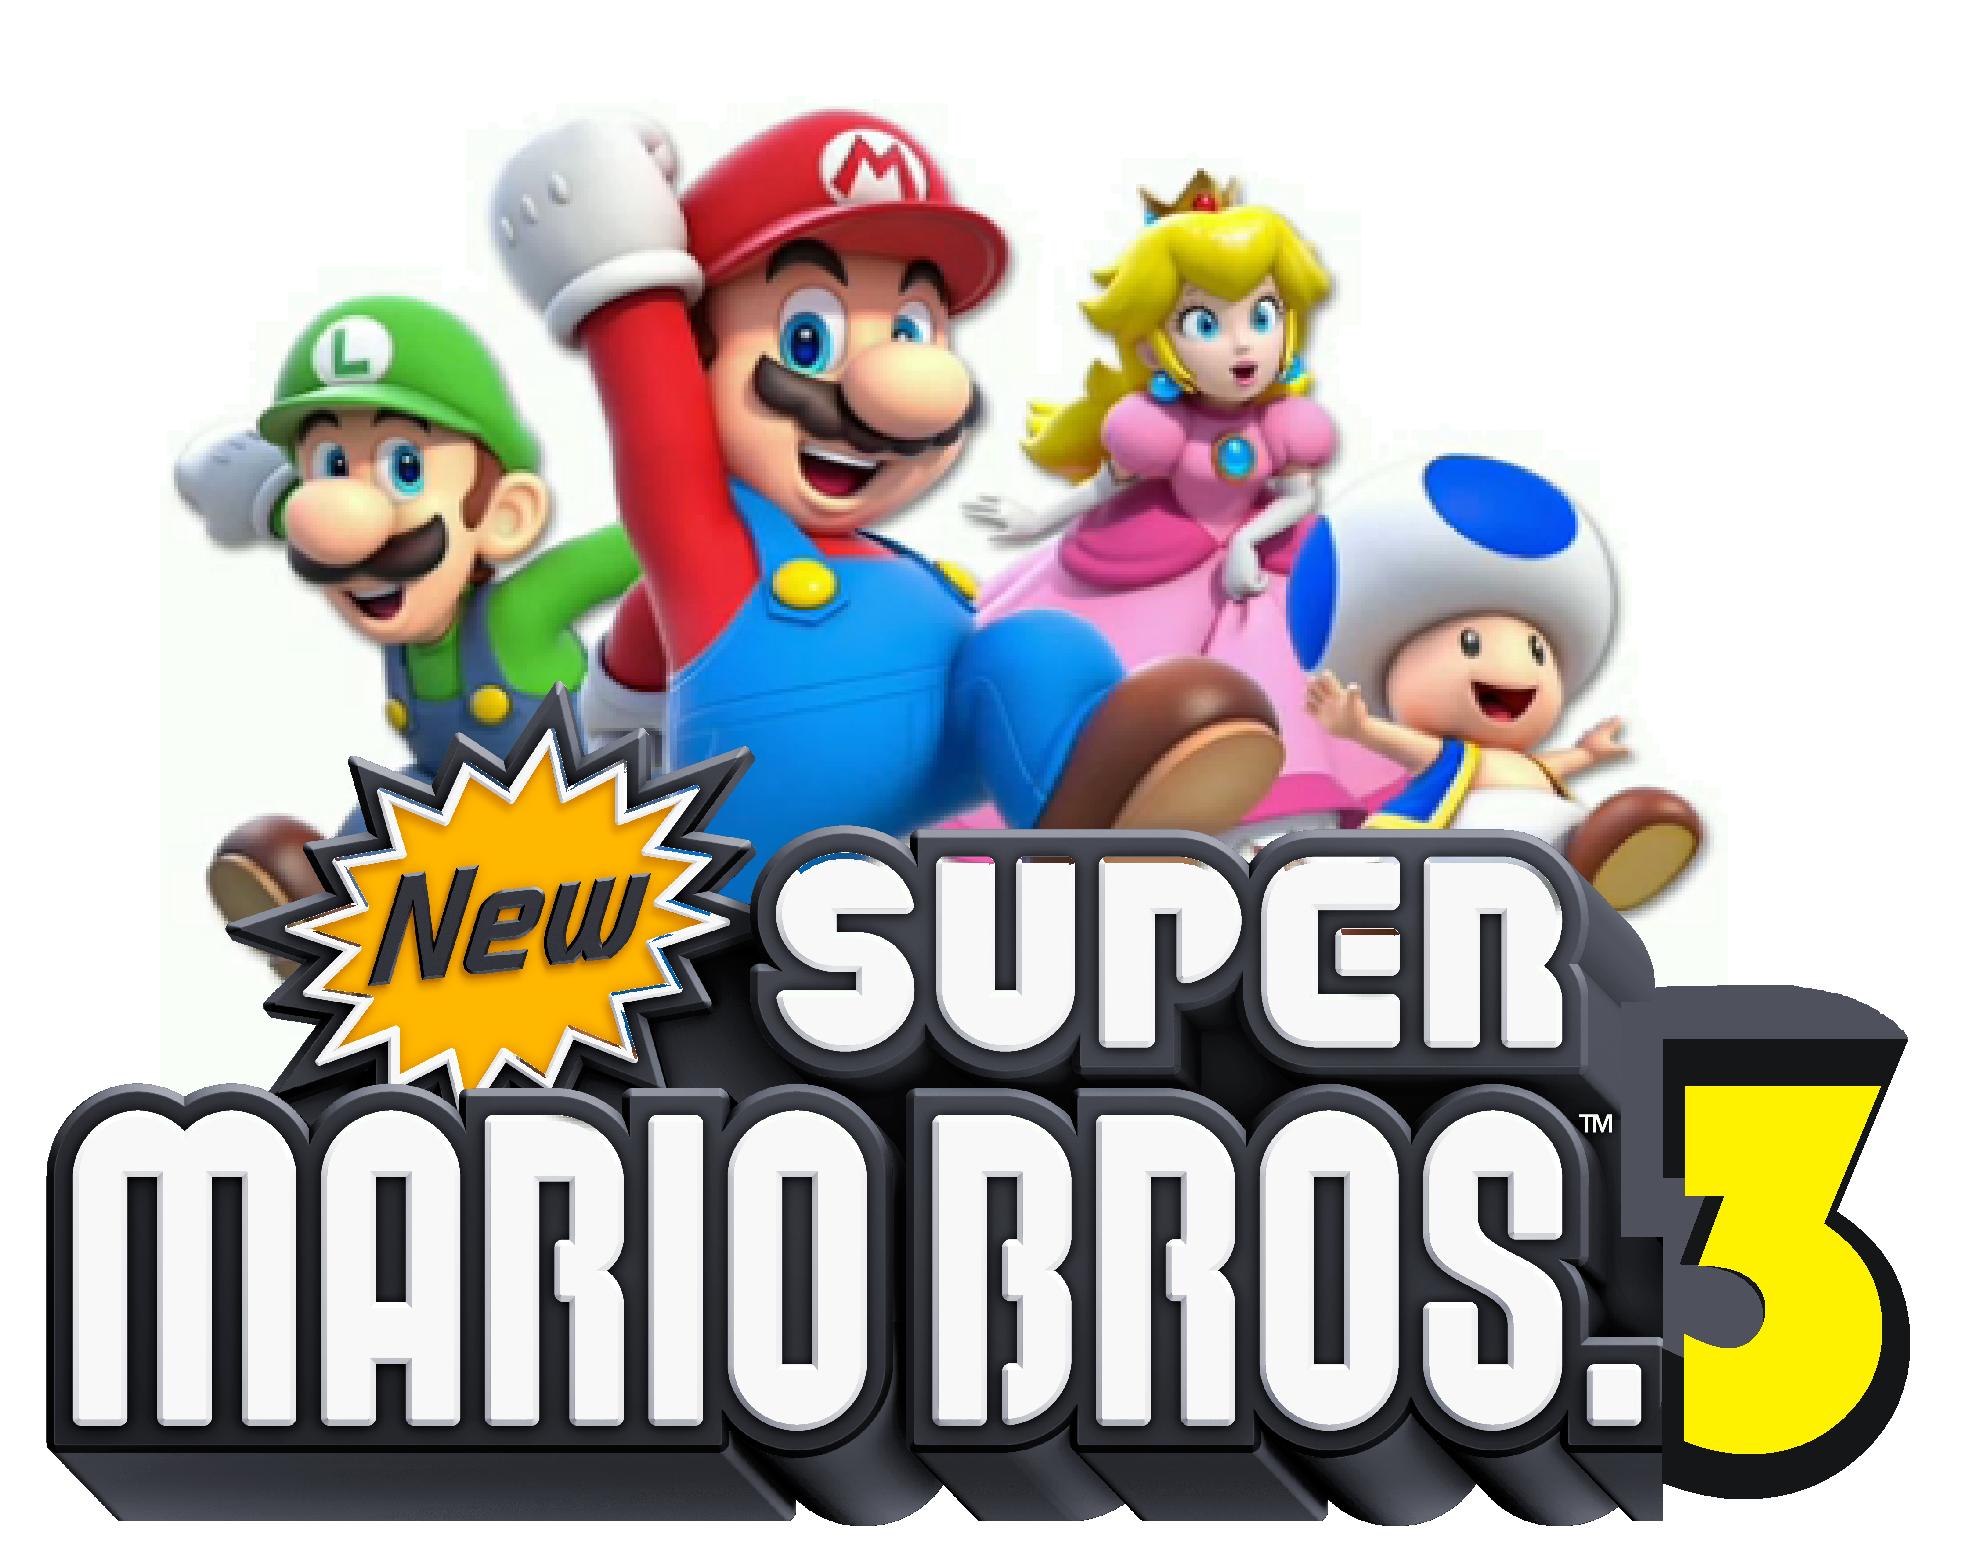 New Super Mario Bros 3 Melandboys1972 Fantendo Nintendo